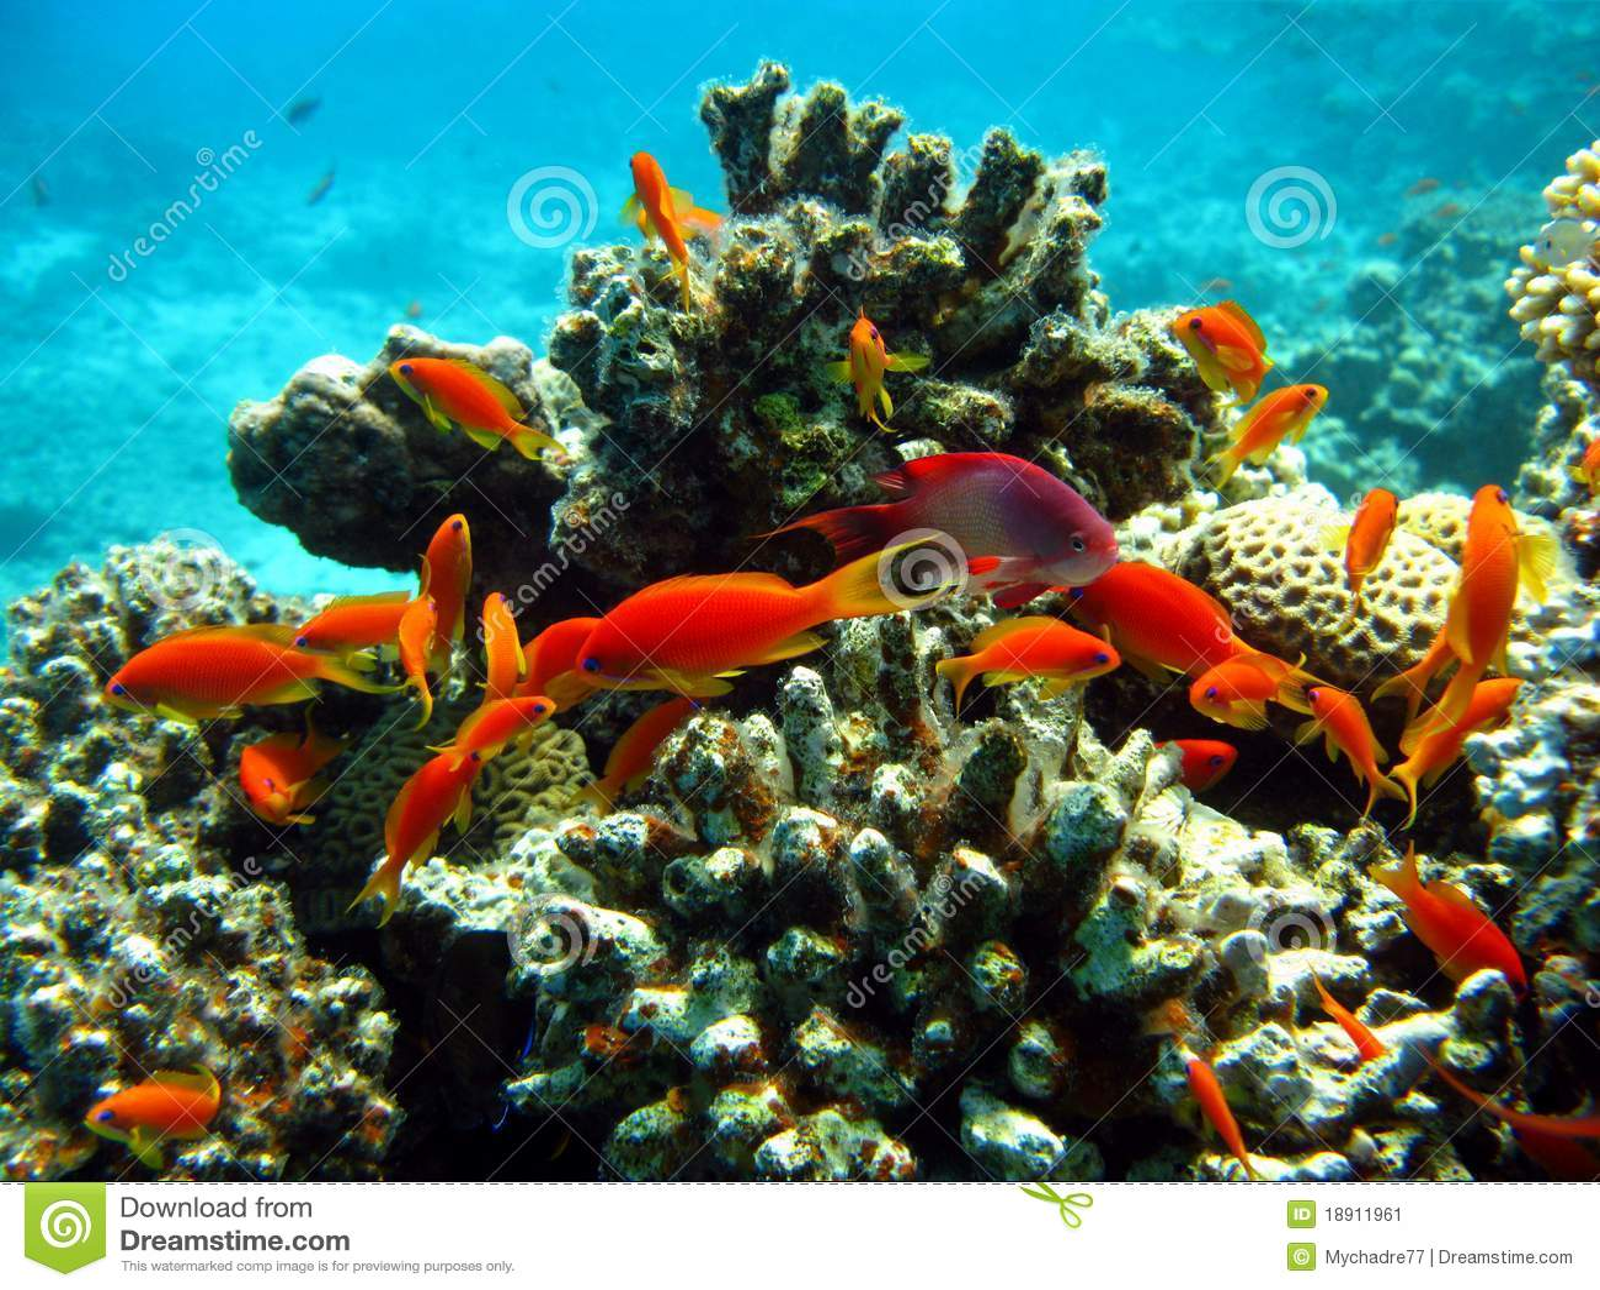 Recife coral